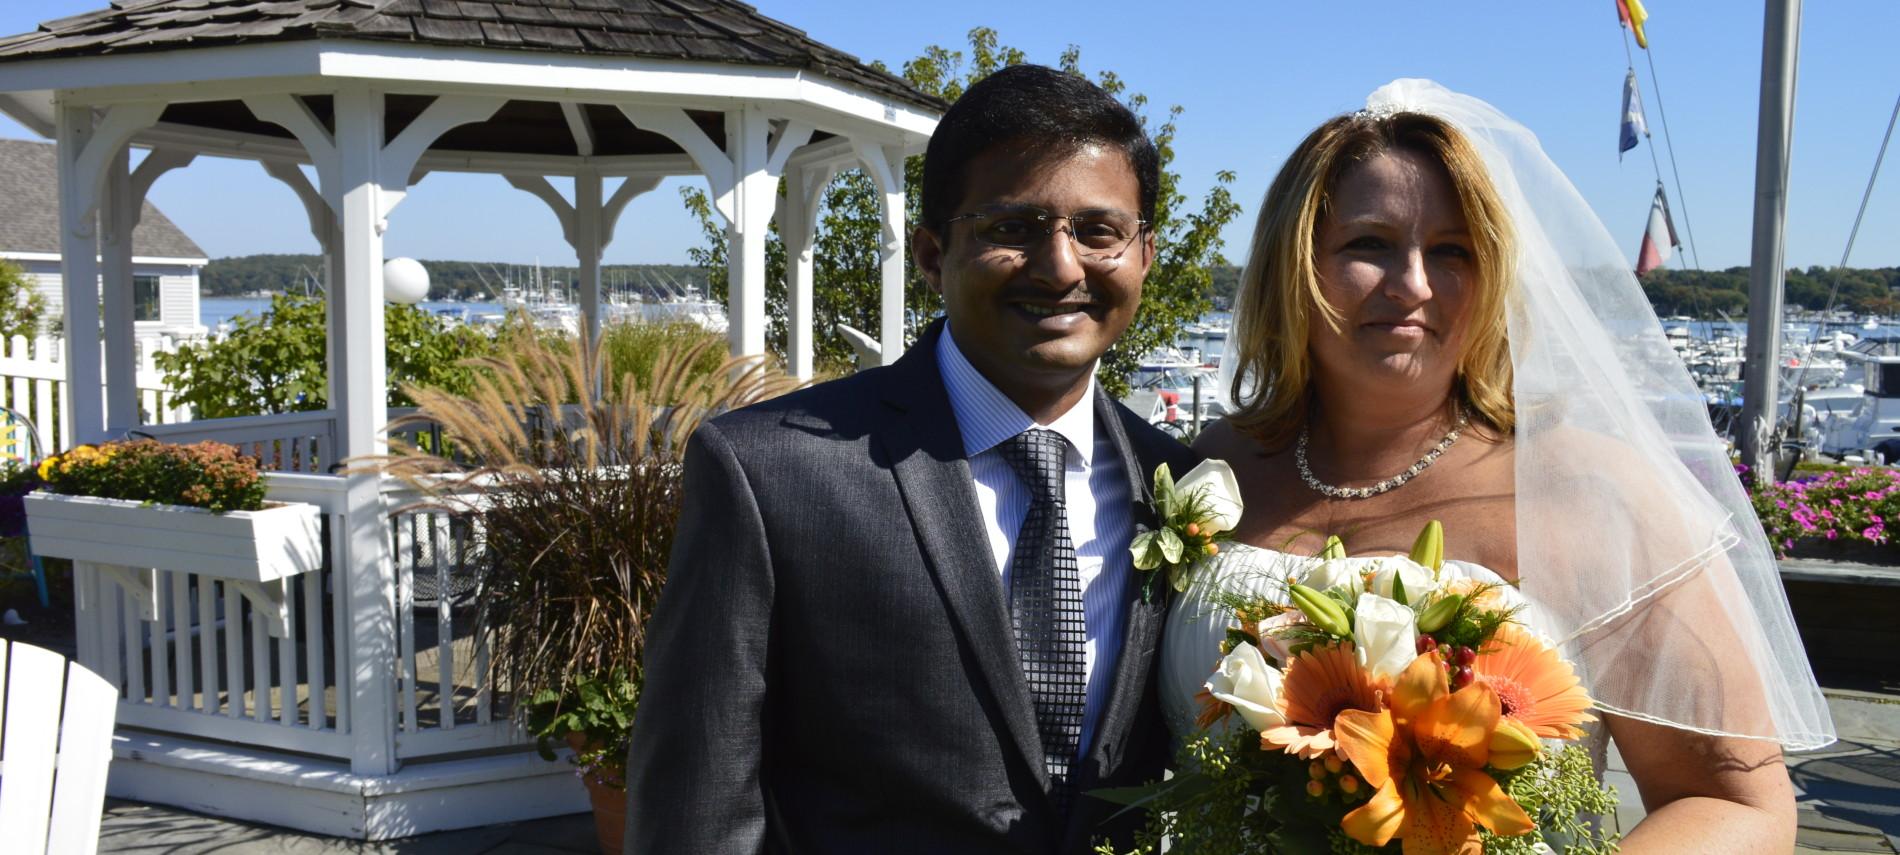 Weddings and elopements at Inn at Harbor Hill Marina